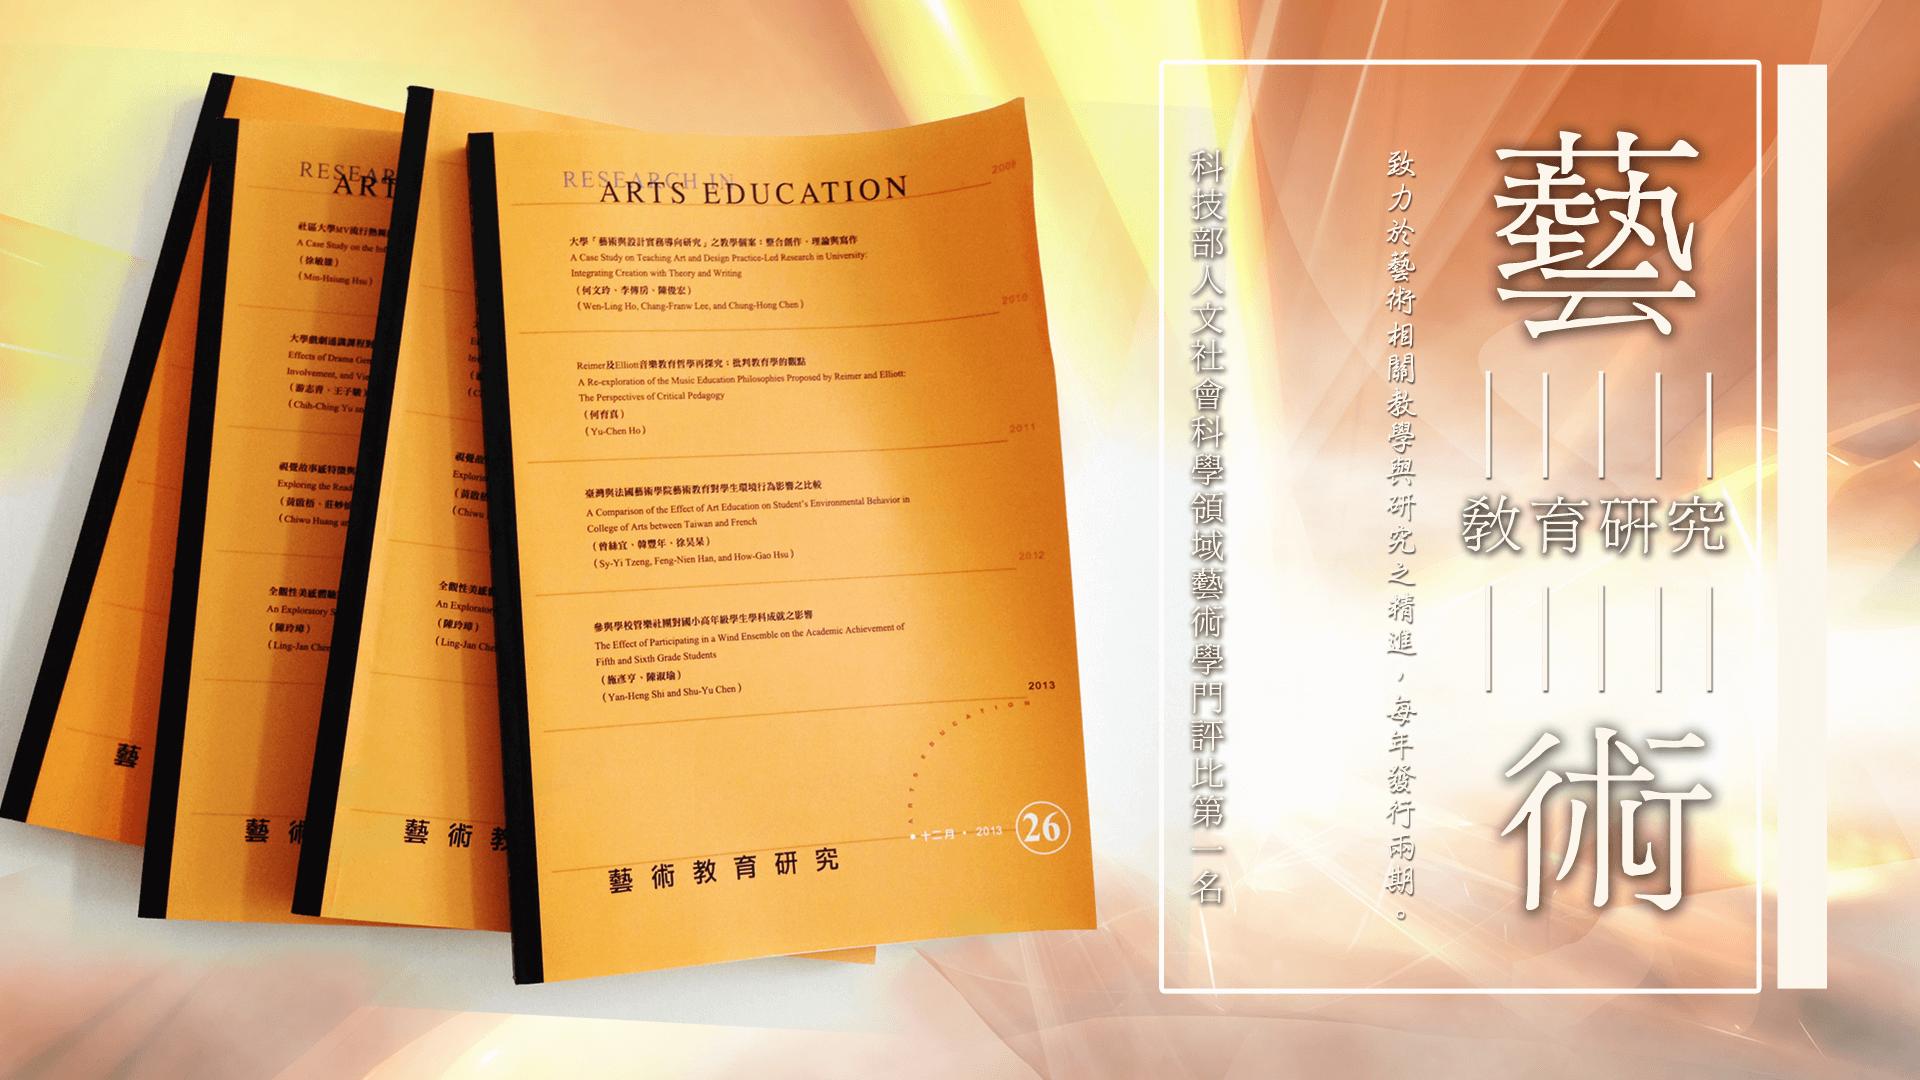 藝術教育研究期刊